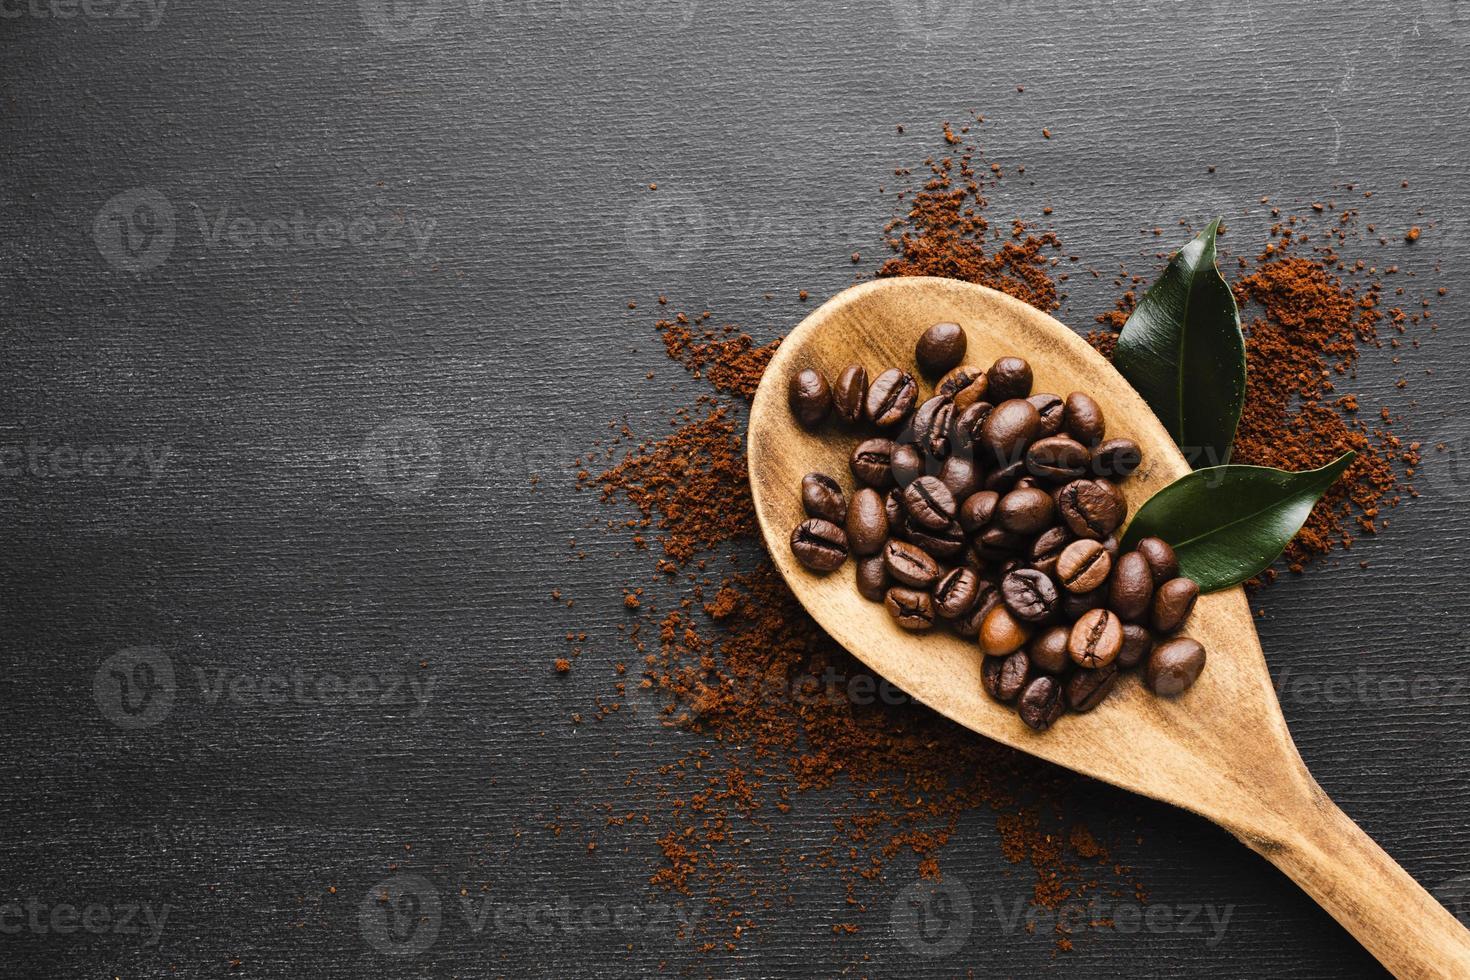 koffielepel op tafel foto